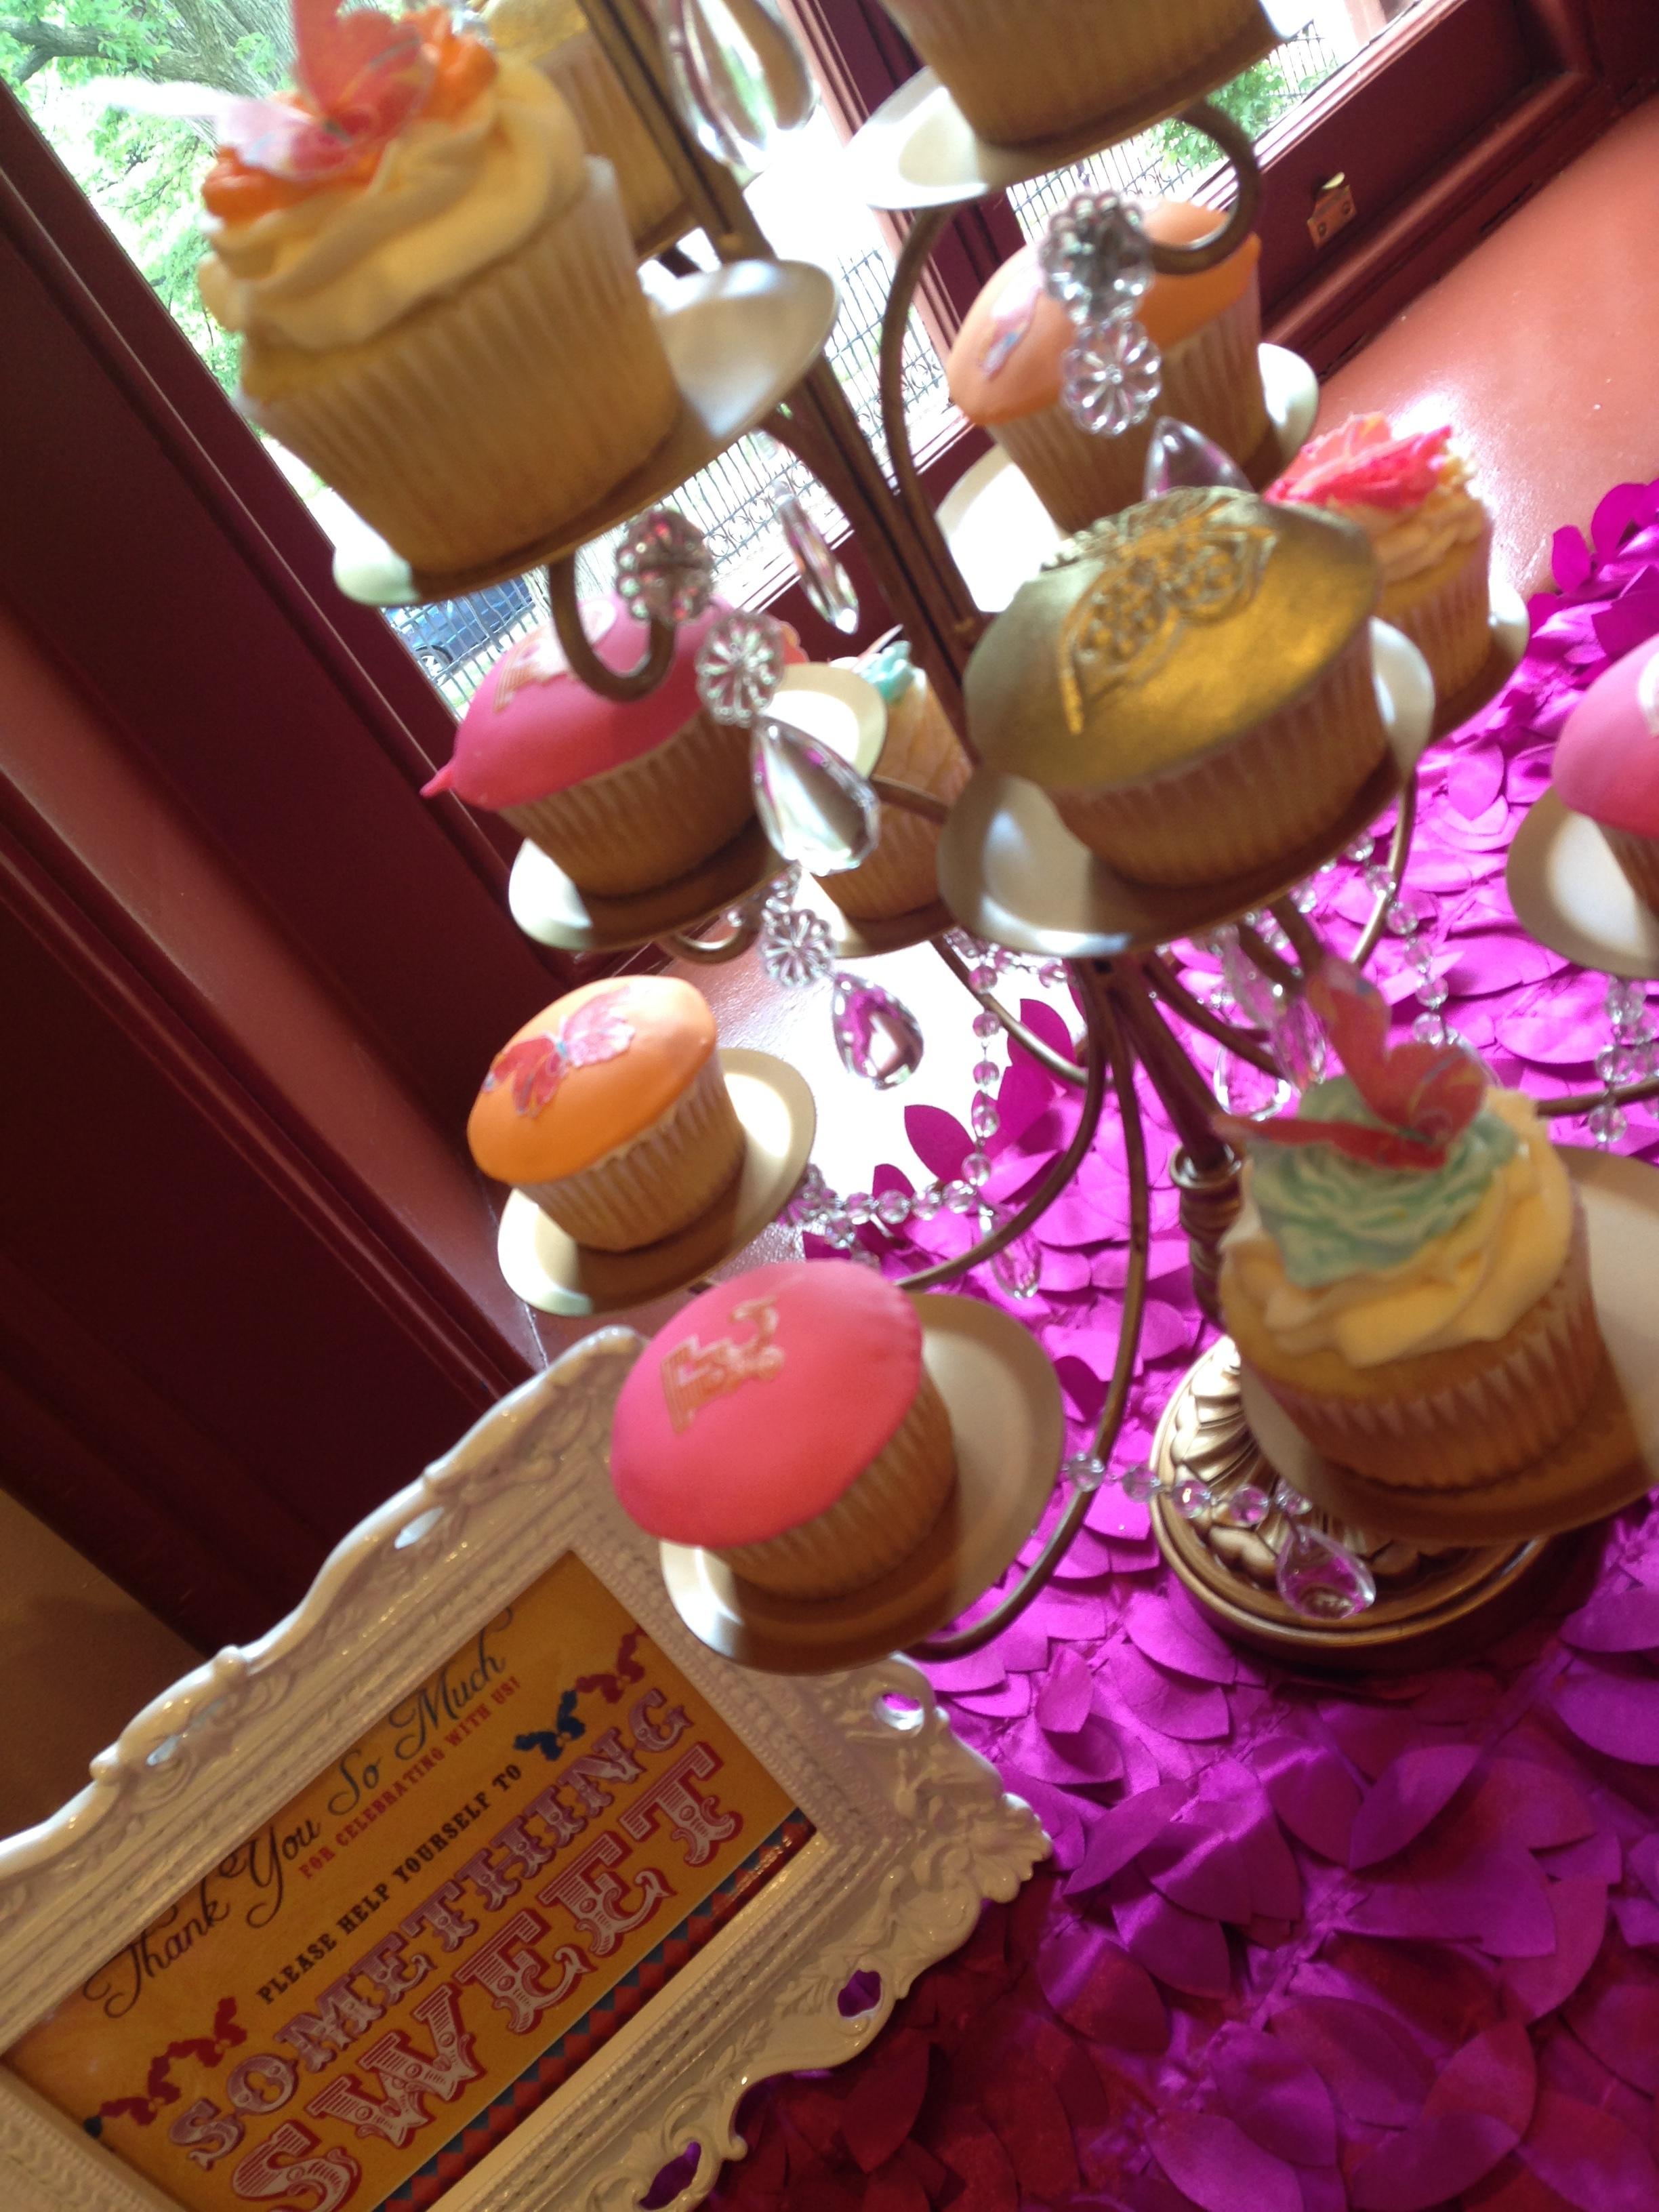 Festival Du Bebe Dessert Table - Cupcakes